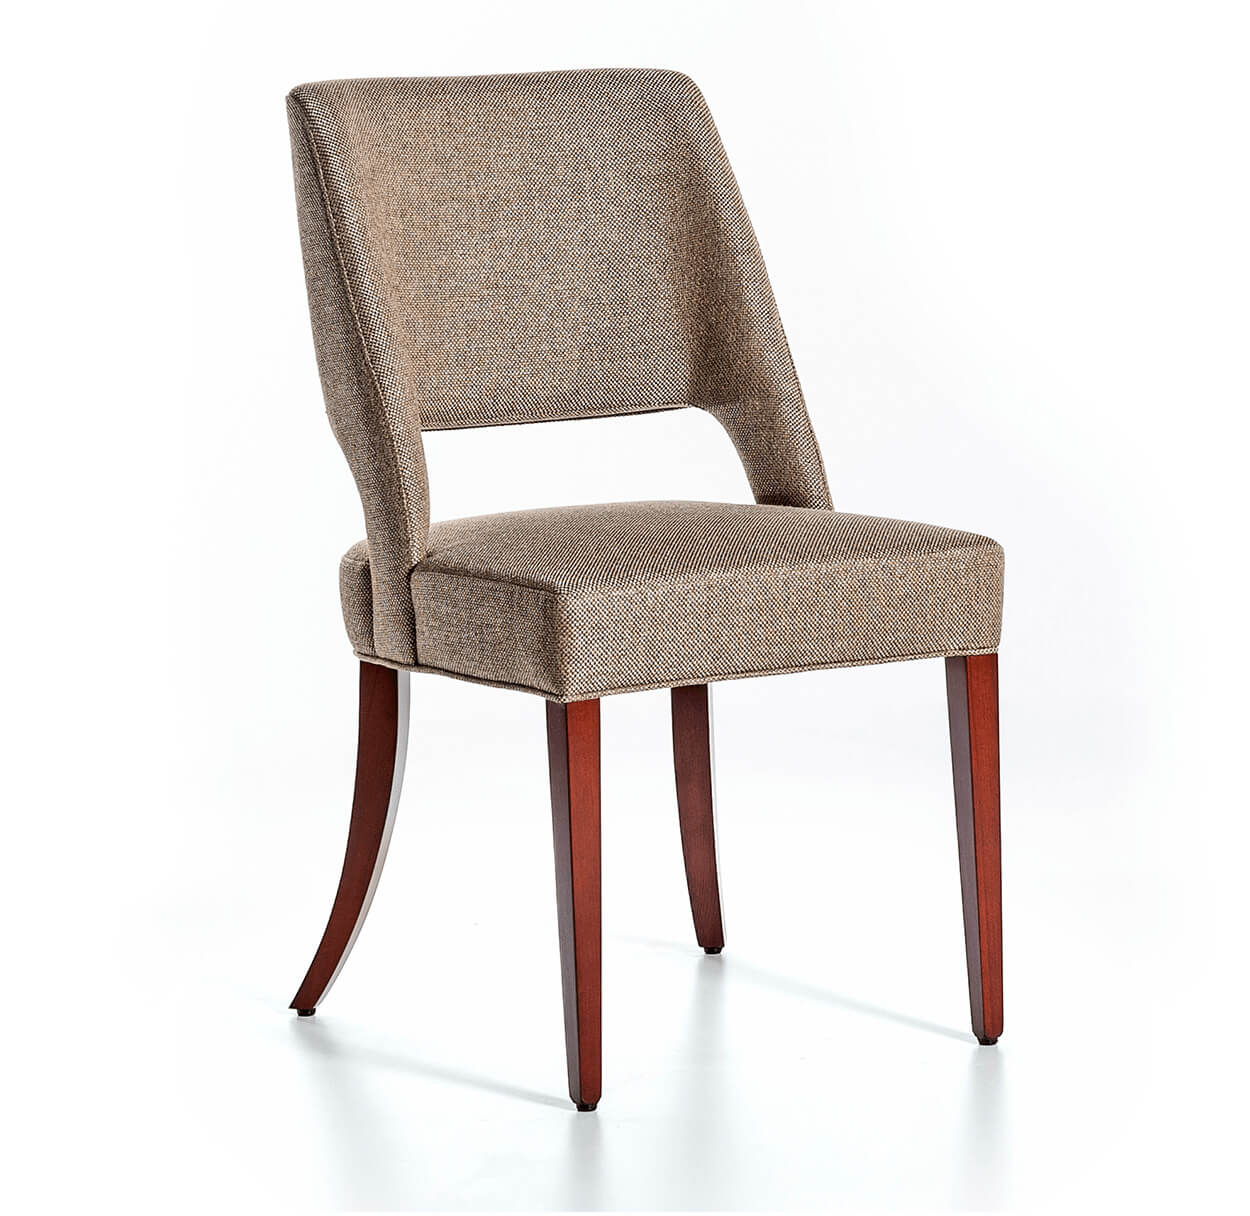 Polo eetkamerstoel - Mulleman meubelen